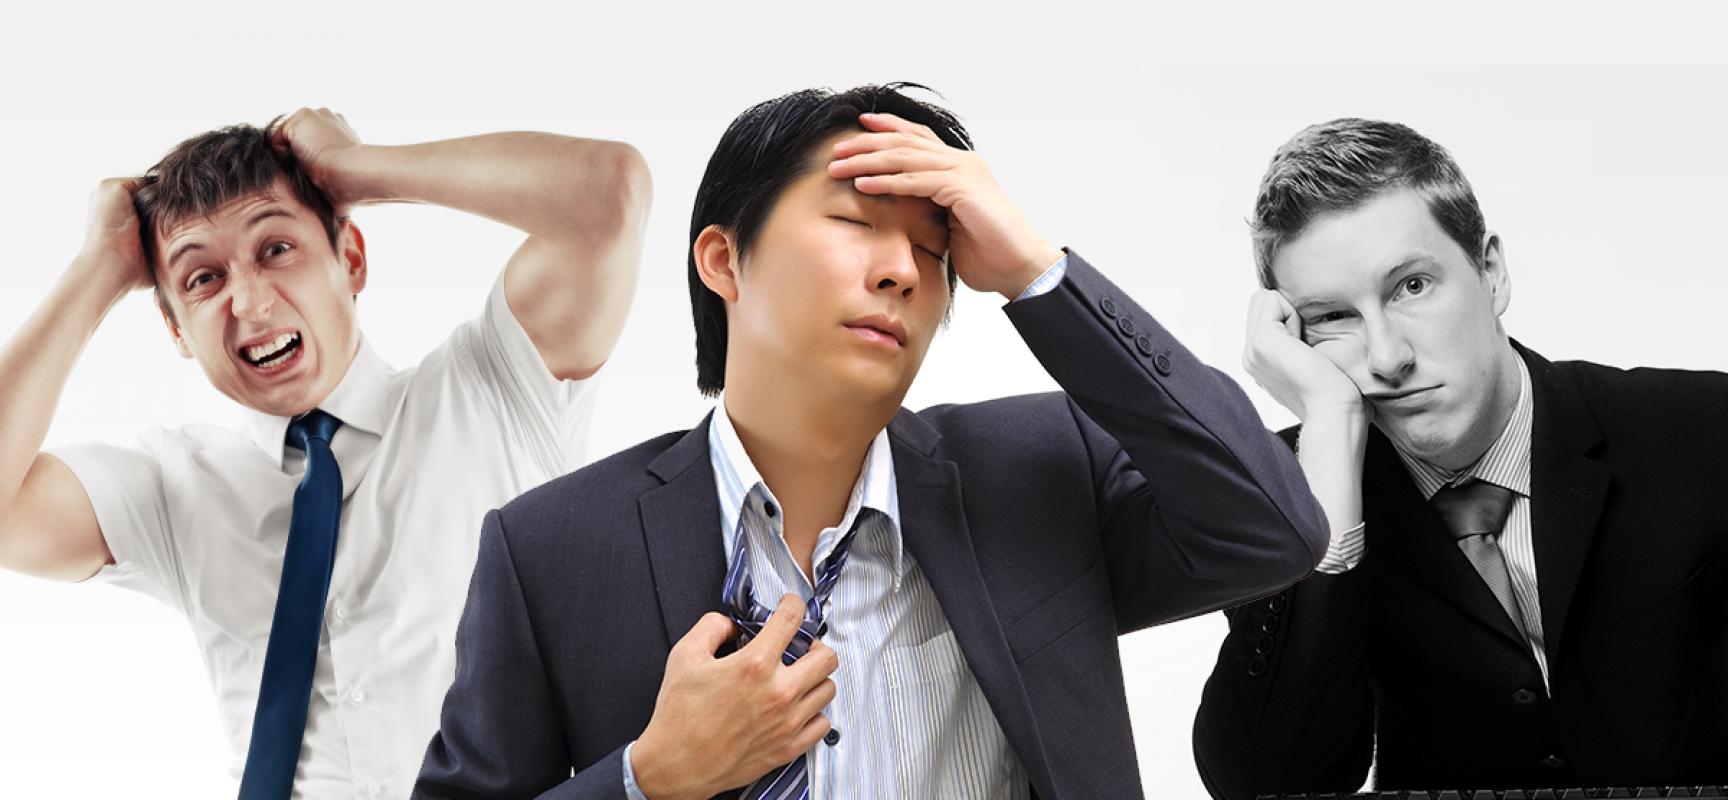 Trabalhar muito pode fazer mal à saúde